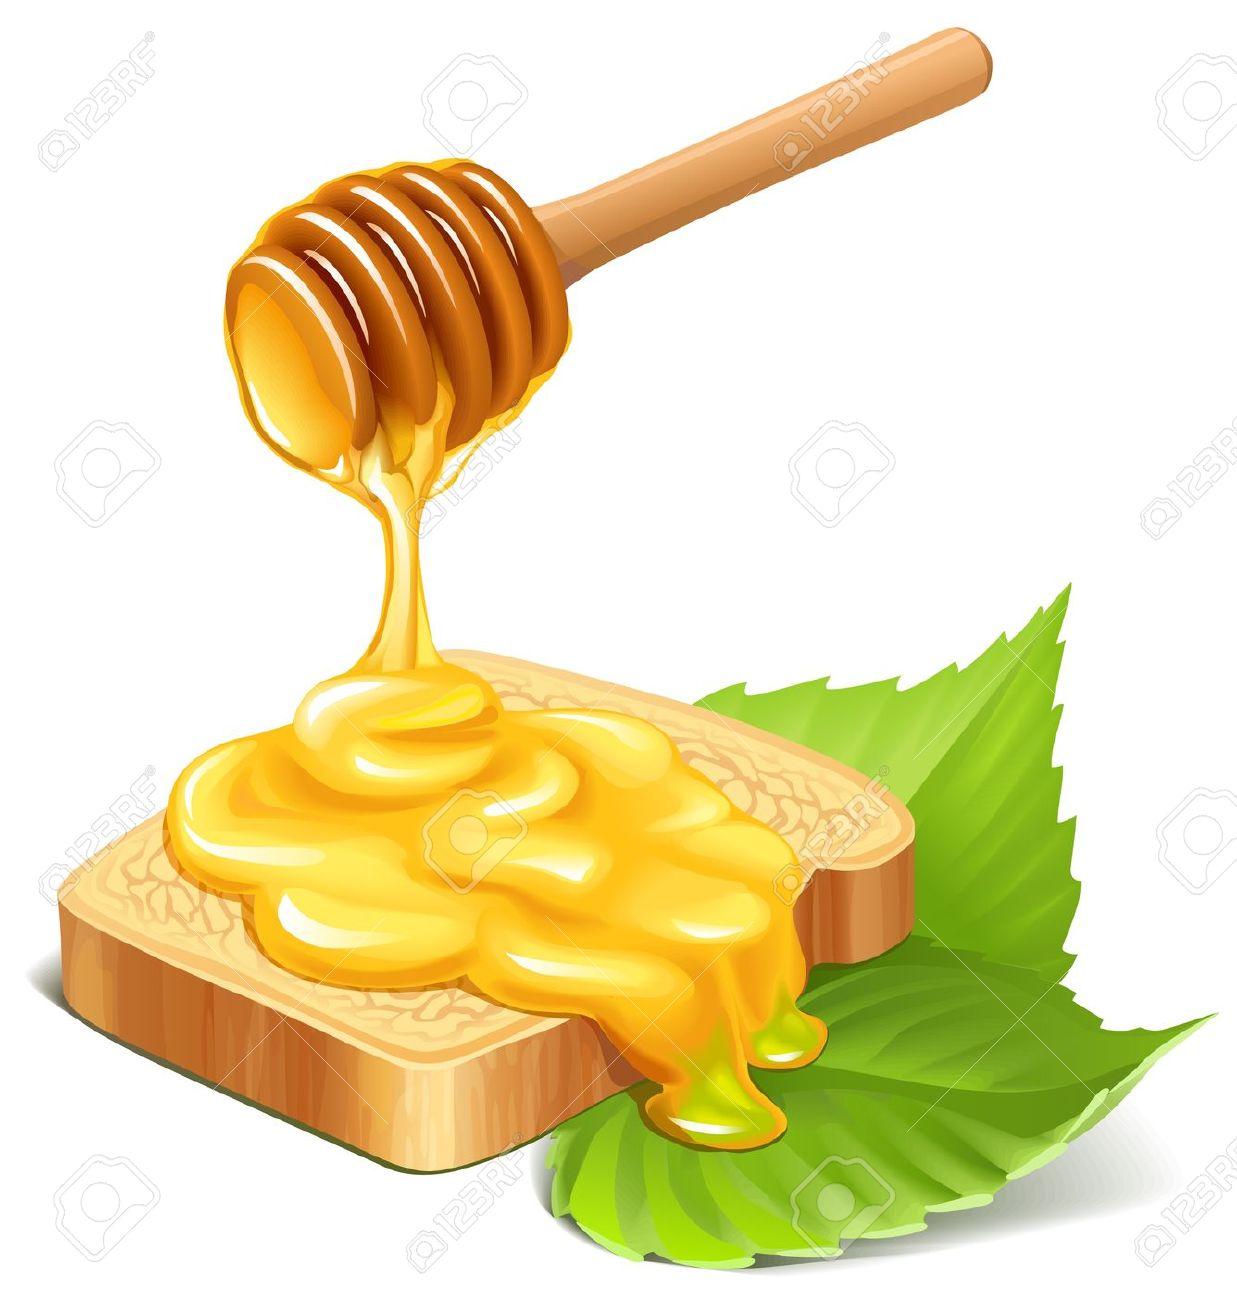 clipart honey - photo #41